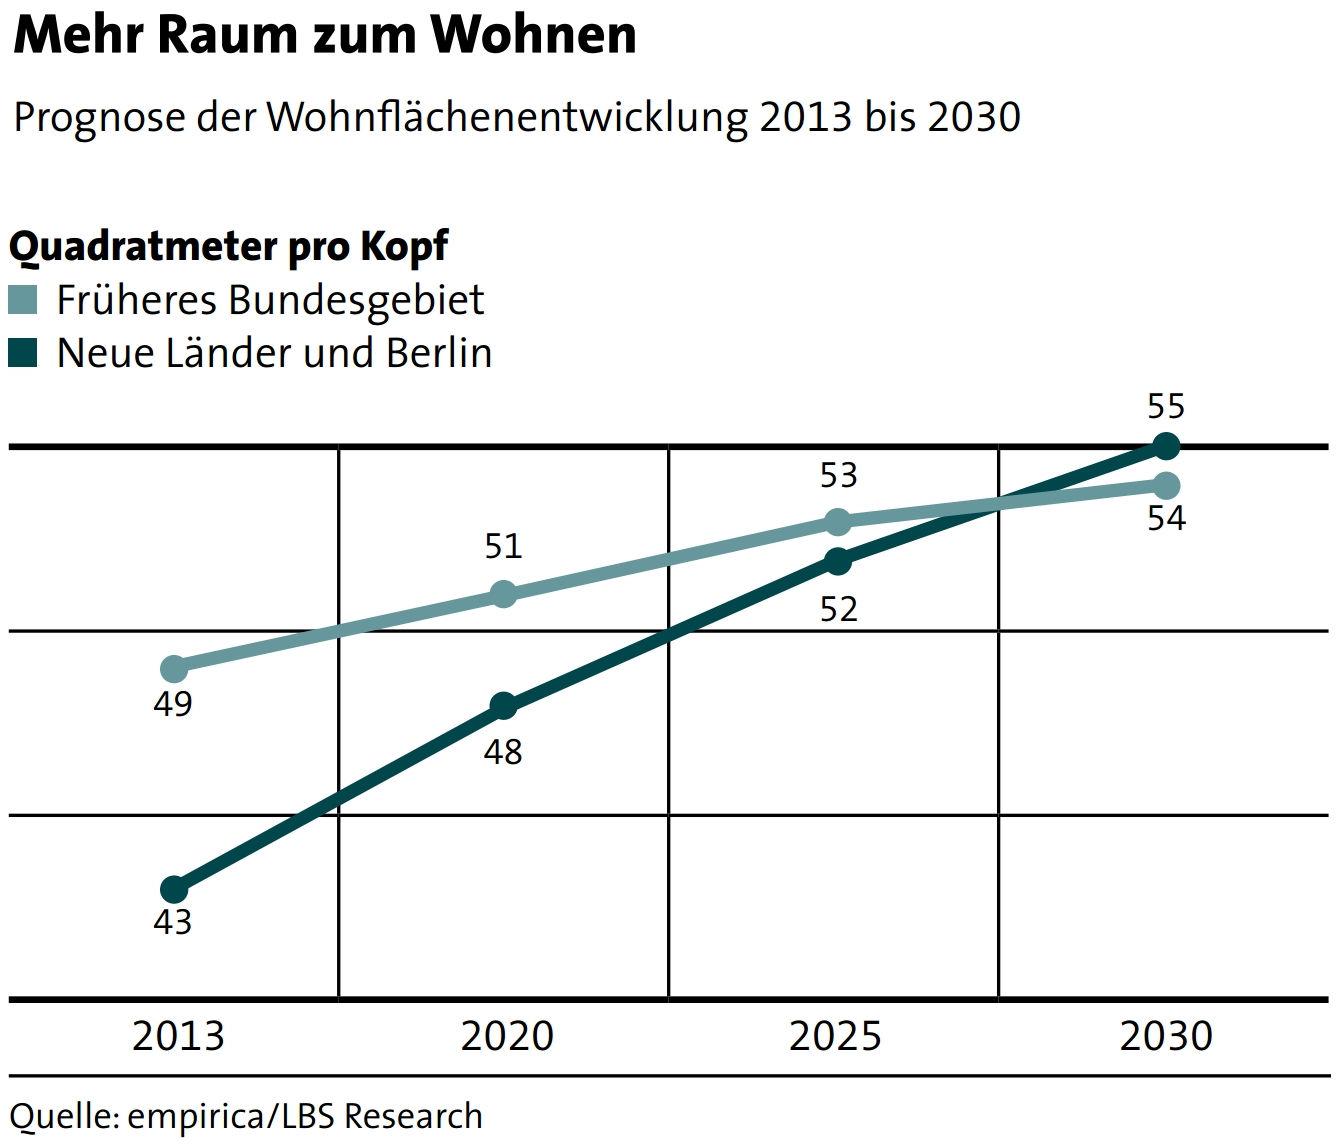 Entwicklung Pro-Kopf-Wohnfläche bis 2030